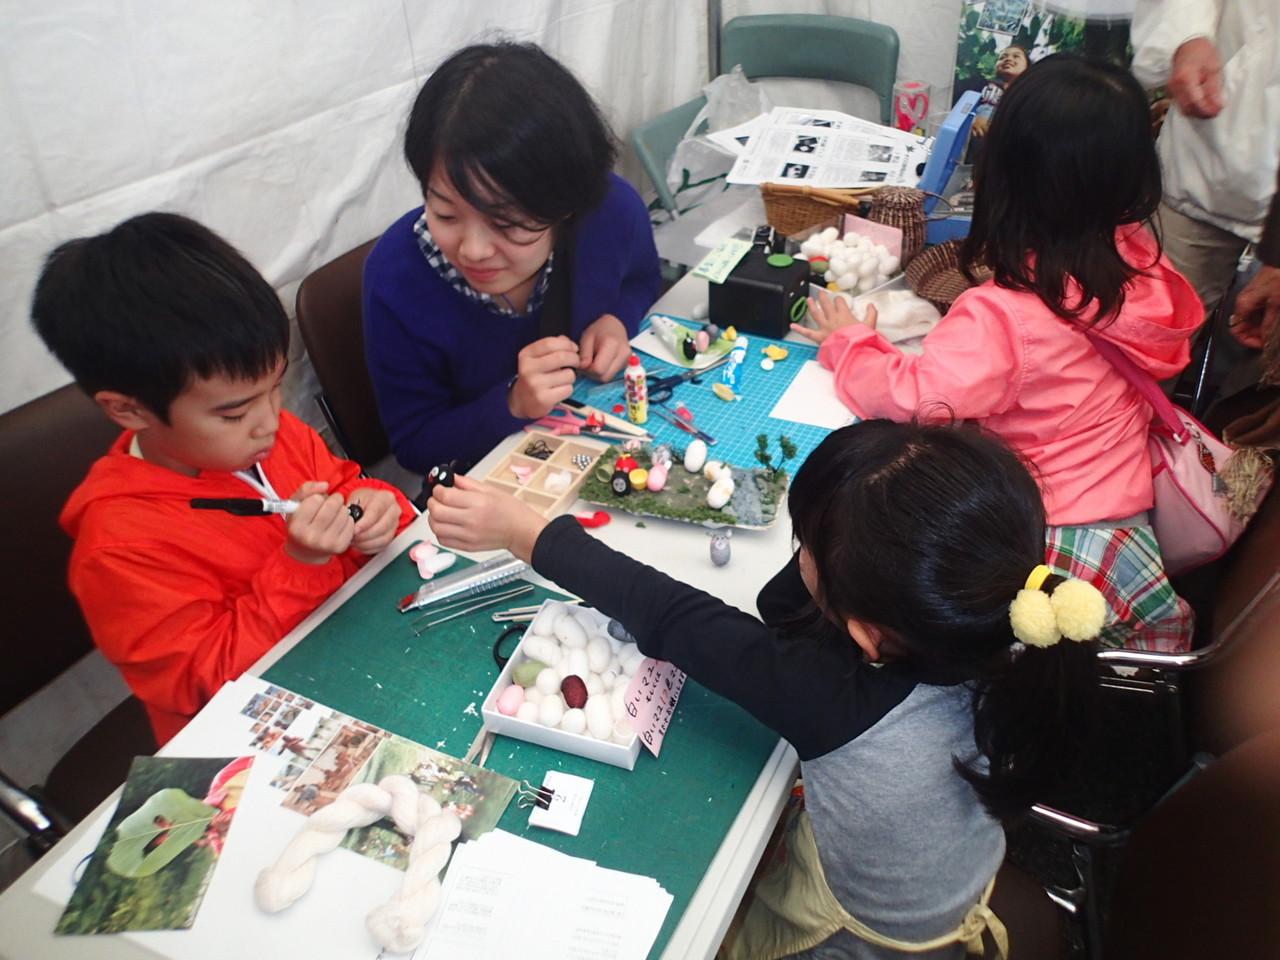 まゆ人形作り体験では、子どもたちも一生懸命まゆ人形を作ります。